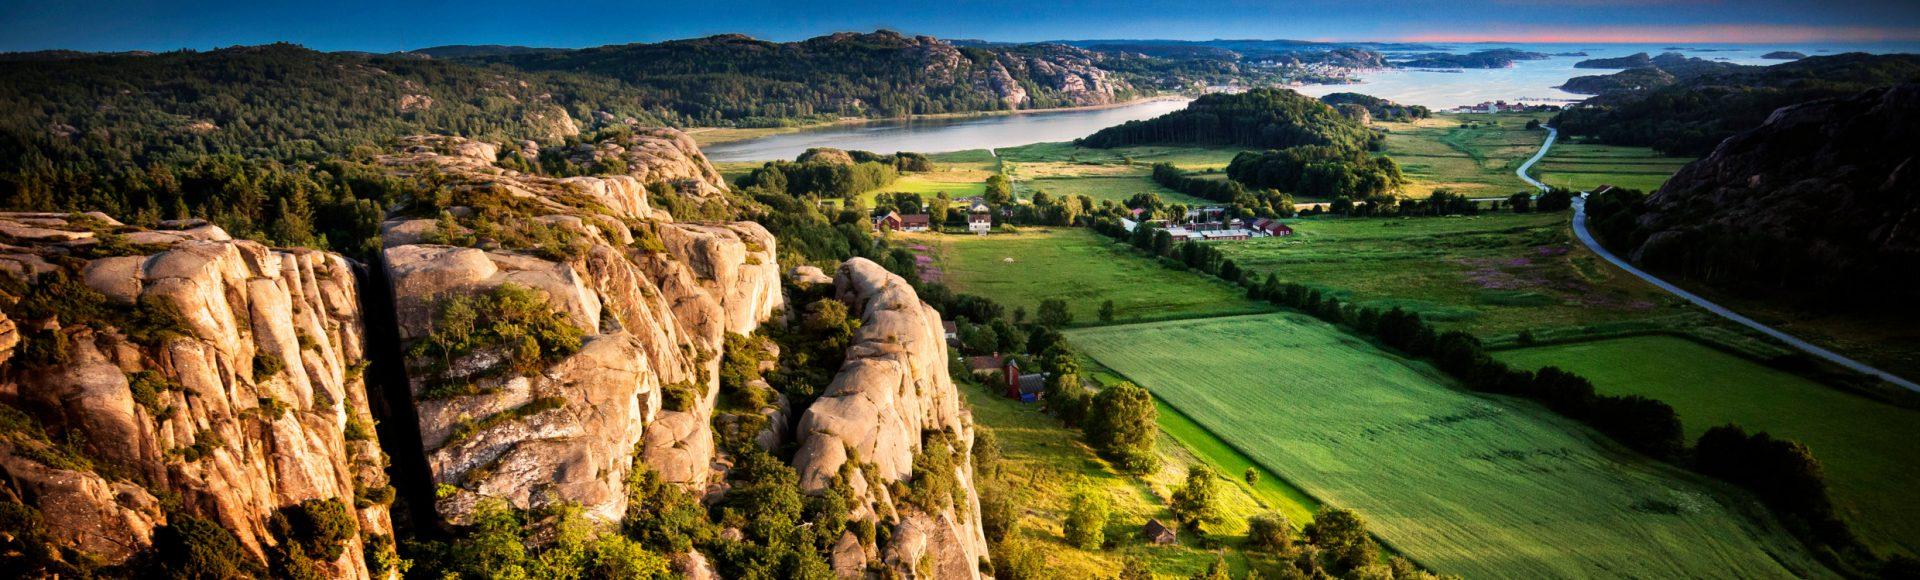 Dit zijn de 15 mooiste plekken in Zweden